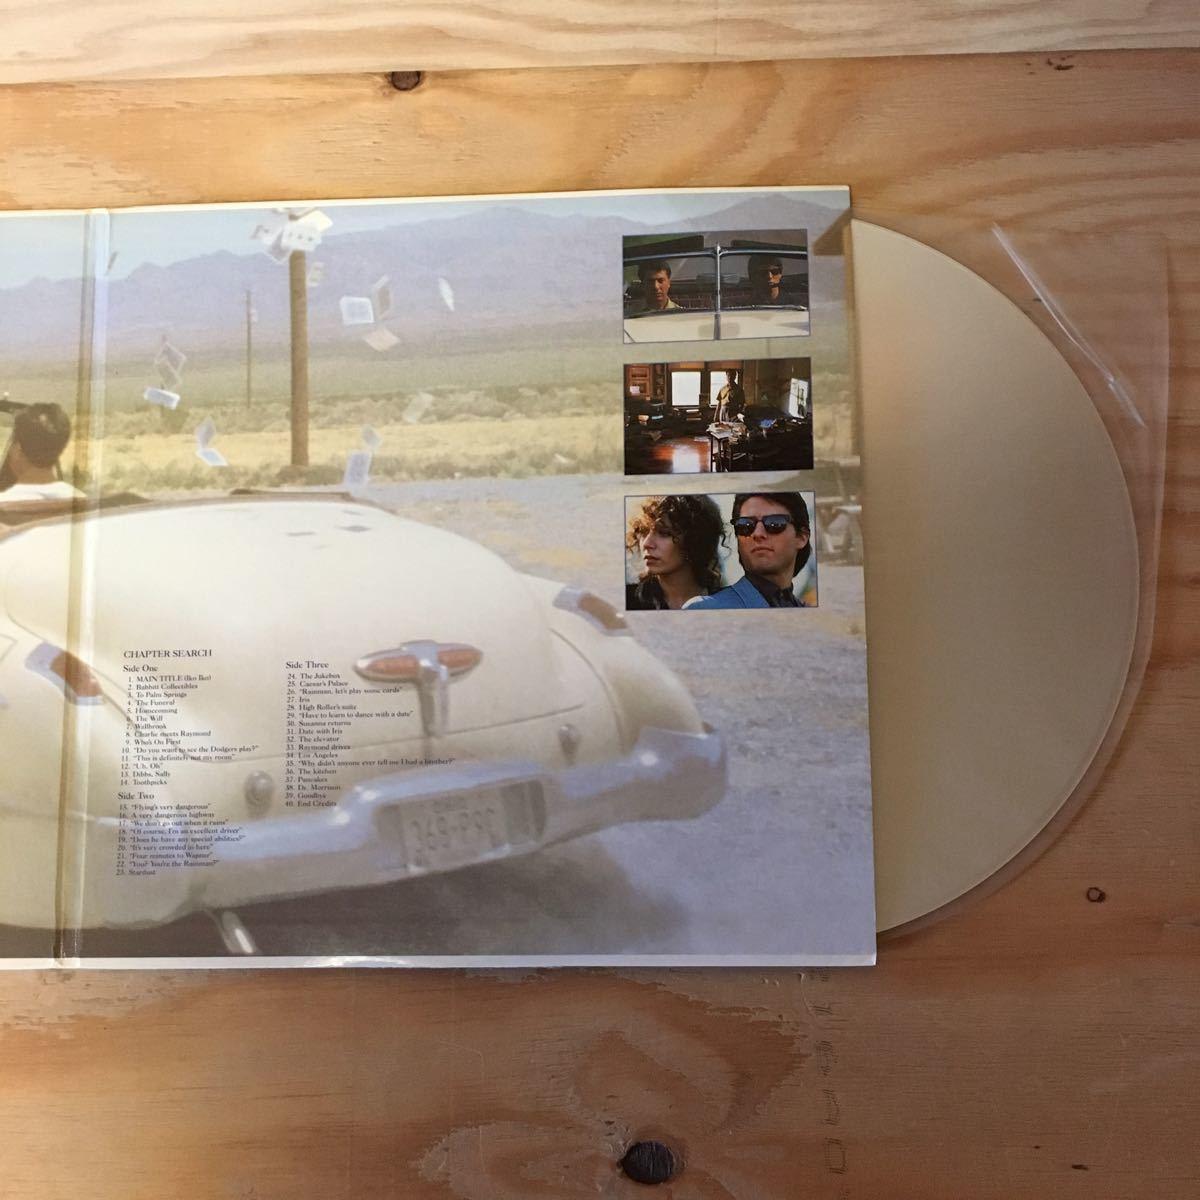 ◎Y3FIIB-200226 レア[RAIN MAN]LD レーザーディスク DUSTIN HOFFMAN BARRY LEVINSON_画像2